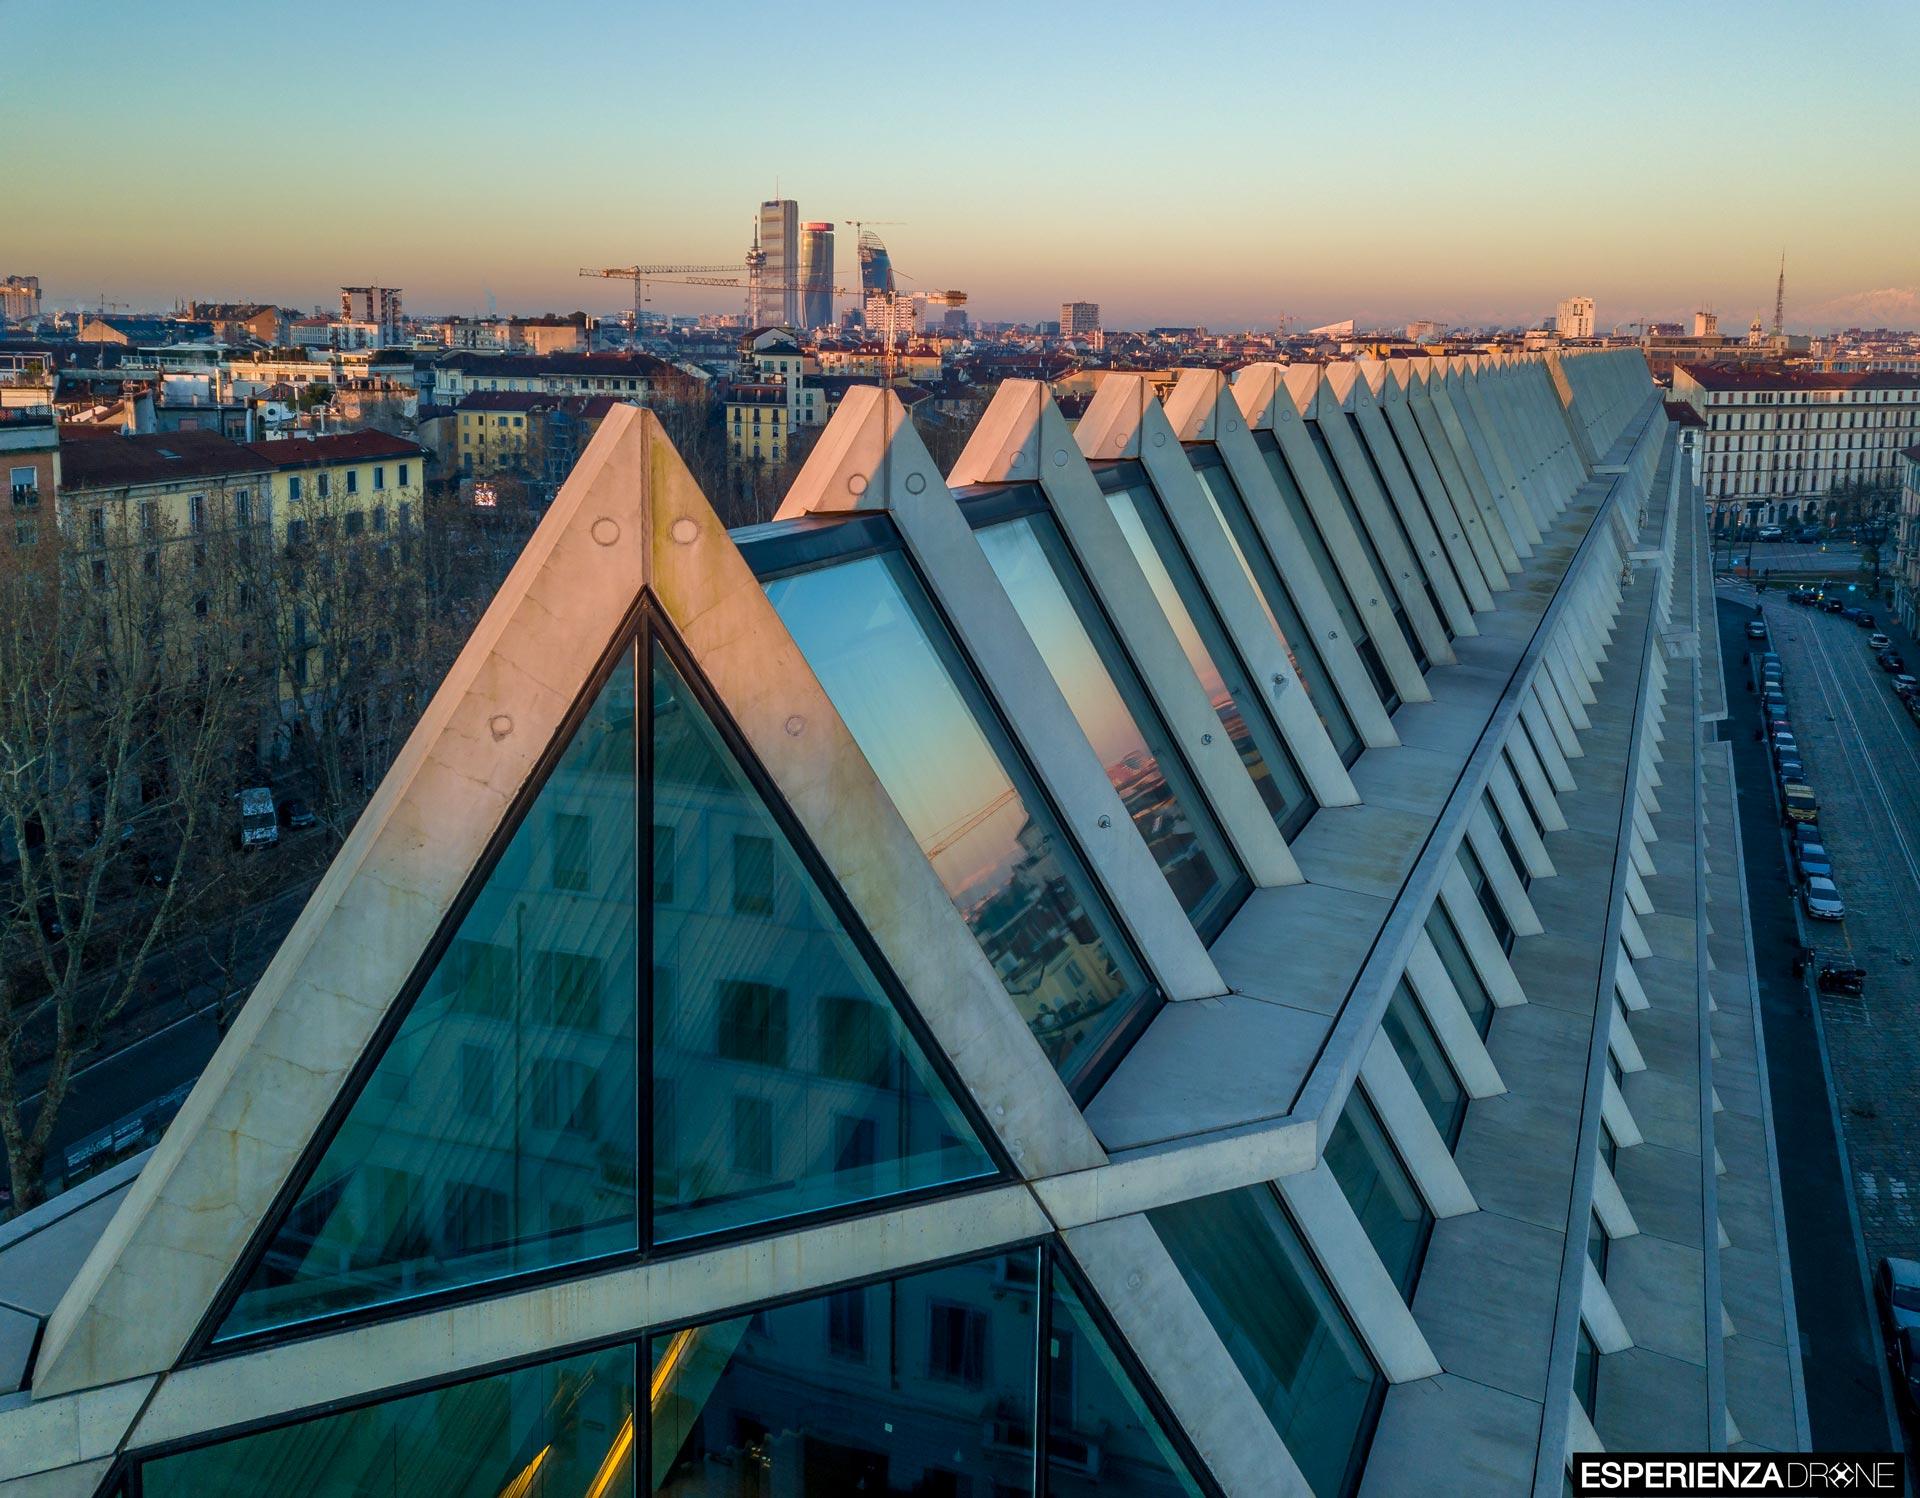 esperienza drone immagine portfolio architettura edificio feltrinelli tetto frontale panoramica milano 2.jpg